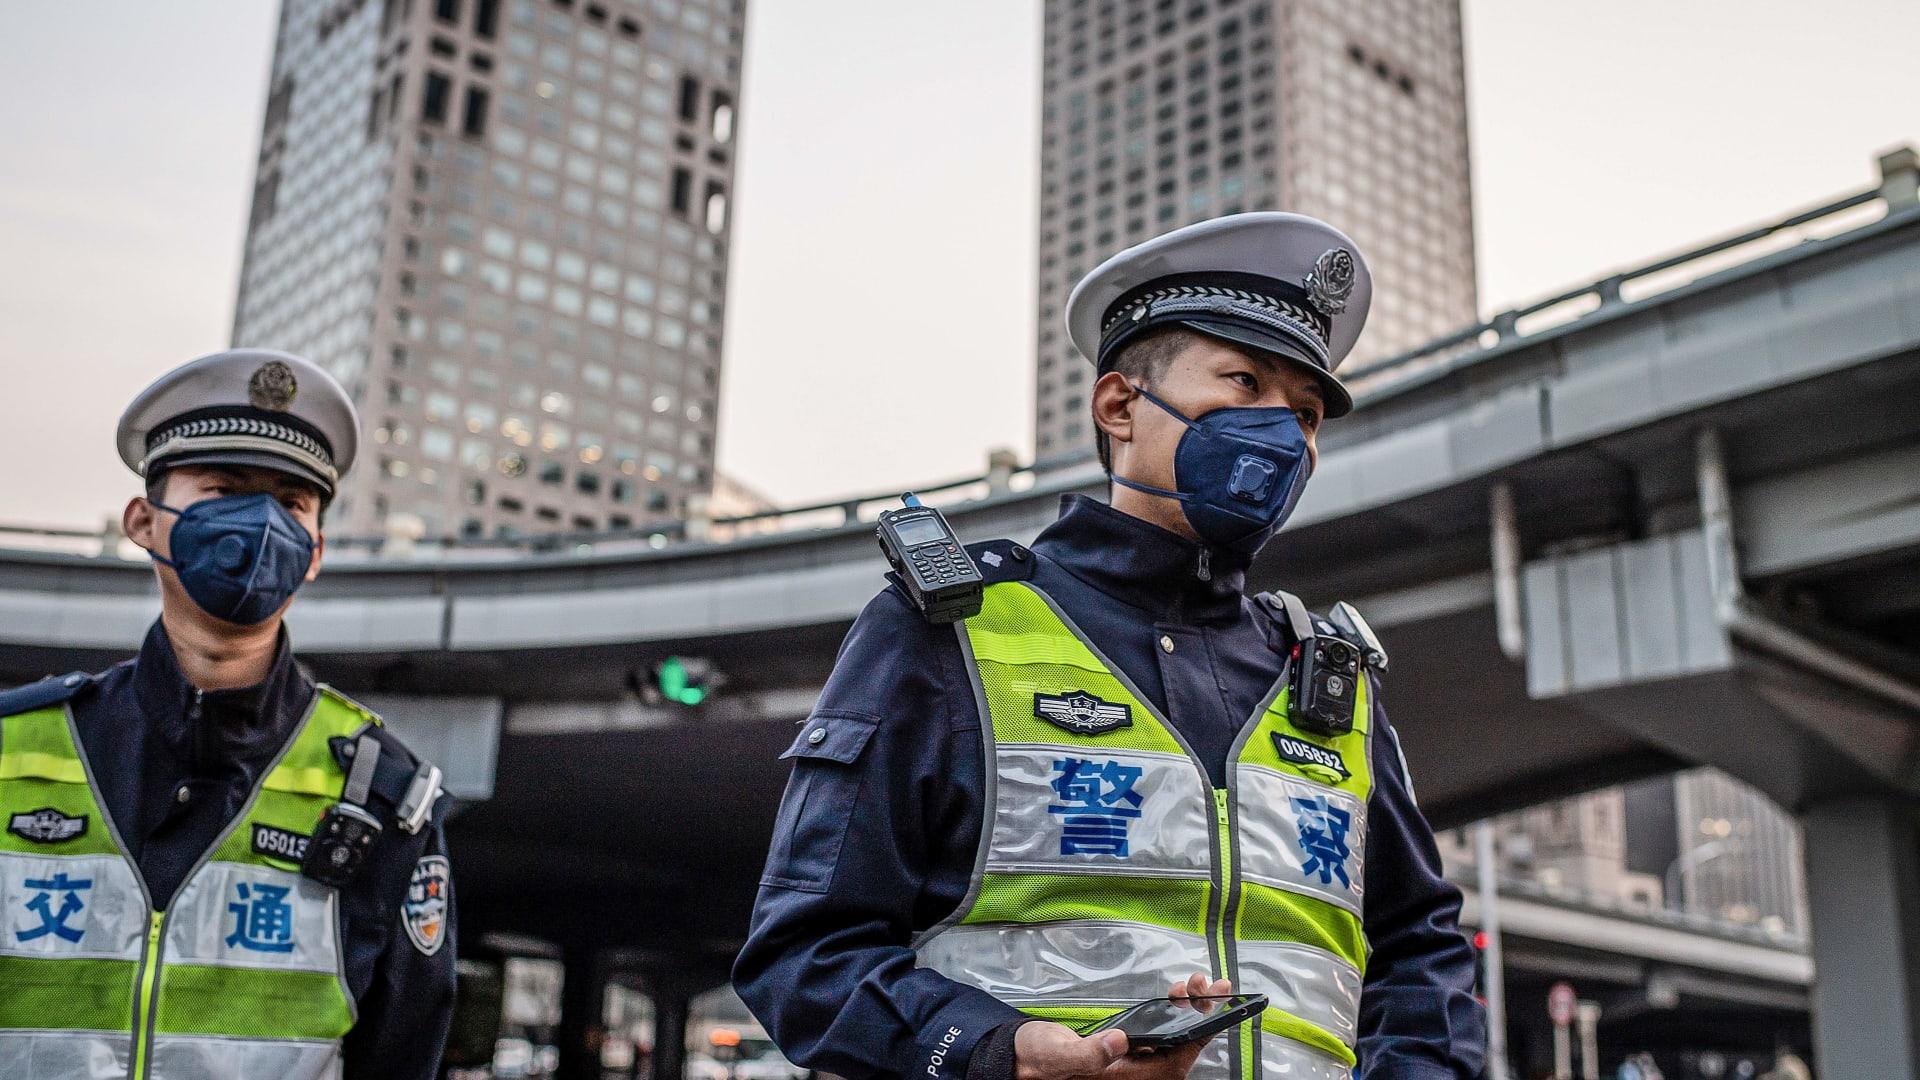 بعد أشهر من الإغلاق بسبب كورونا.. الحياة تعود إلى شوارع الصين ووجهاتها الشهيرة